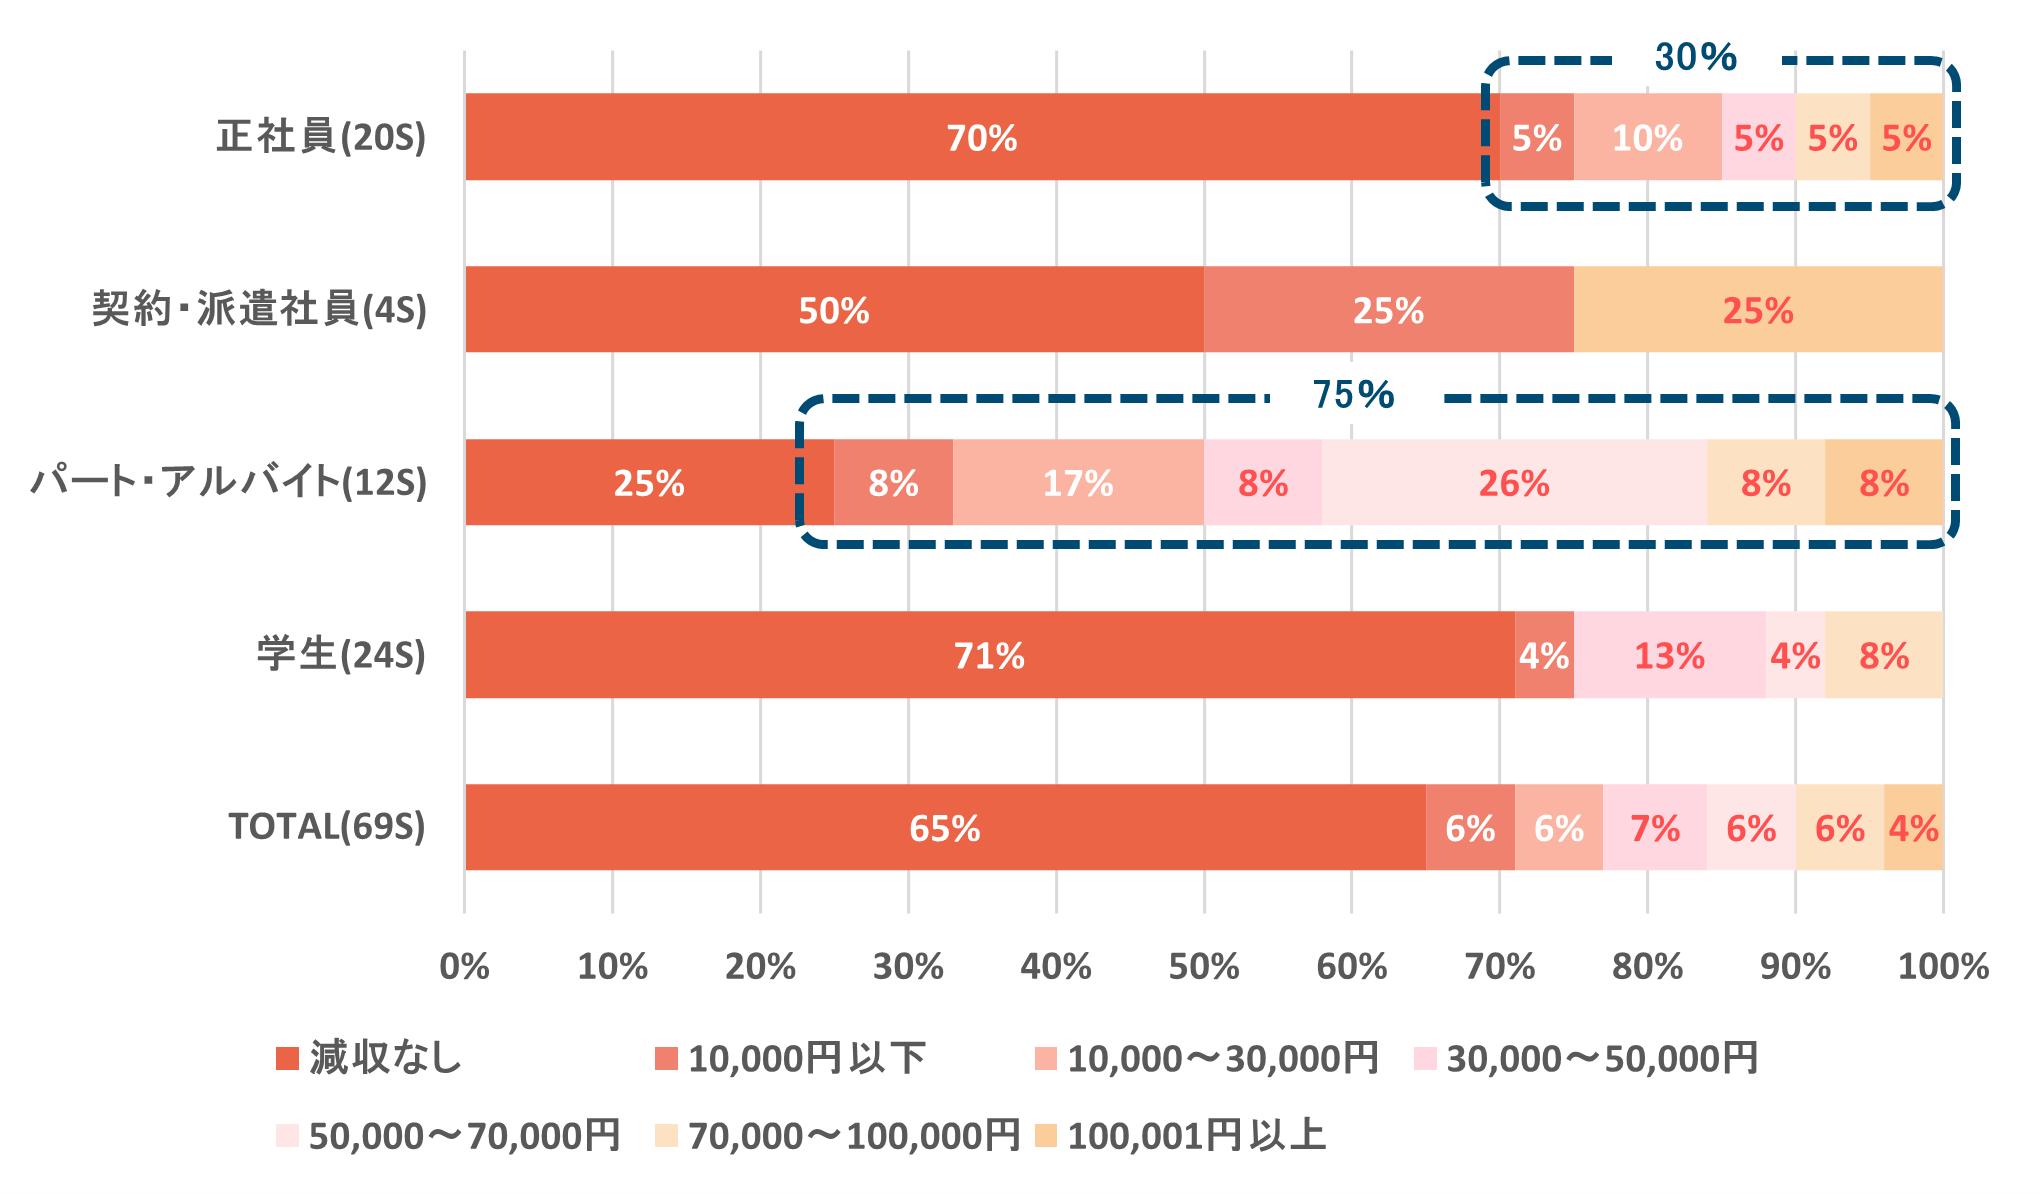 棒グラフ:経済的不安6_コロナ禍の影響:3月までと比較した4月の収入減少の見通し(2020年4月実施):パート・アルバイトの75%、正社員の30%が、4月の収入について減少する見通しを持っていた。